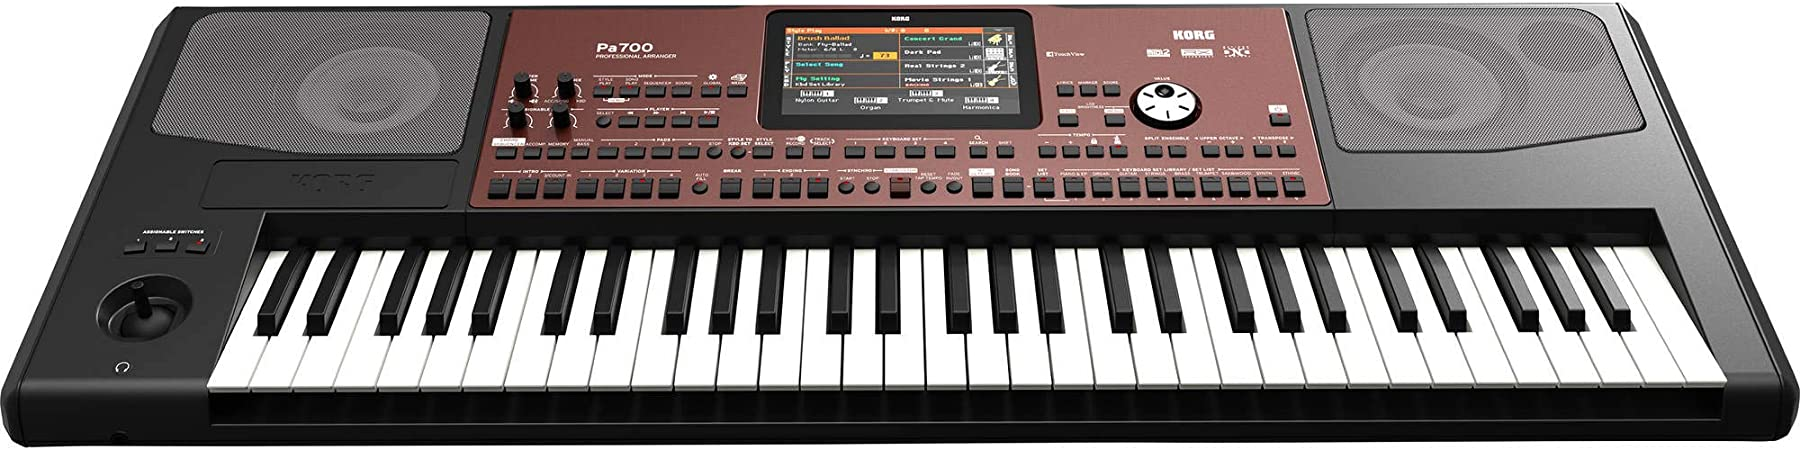 Korg Pa700 Teclado profesional de 61 teclas, sensible a la velocidad, paquete con soporte para teclado KPK6520 en el escenario con pedal de sostenido, ...